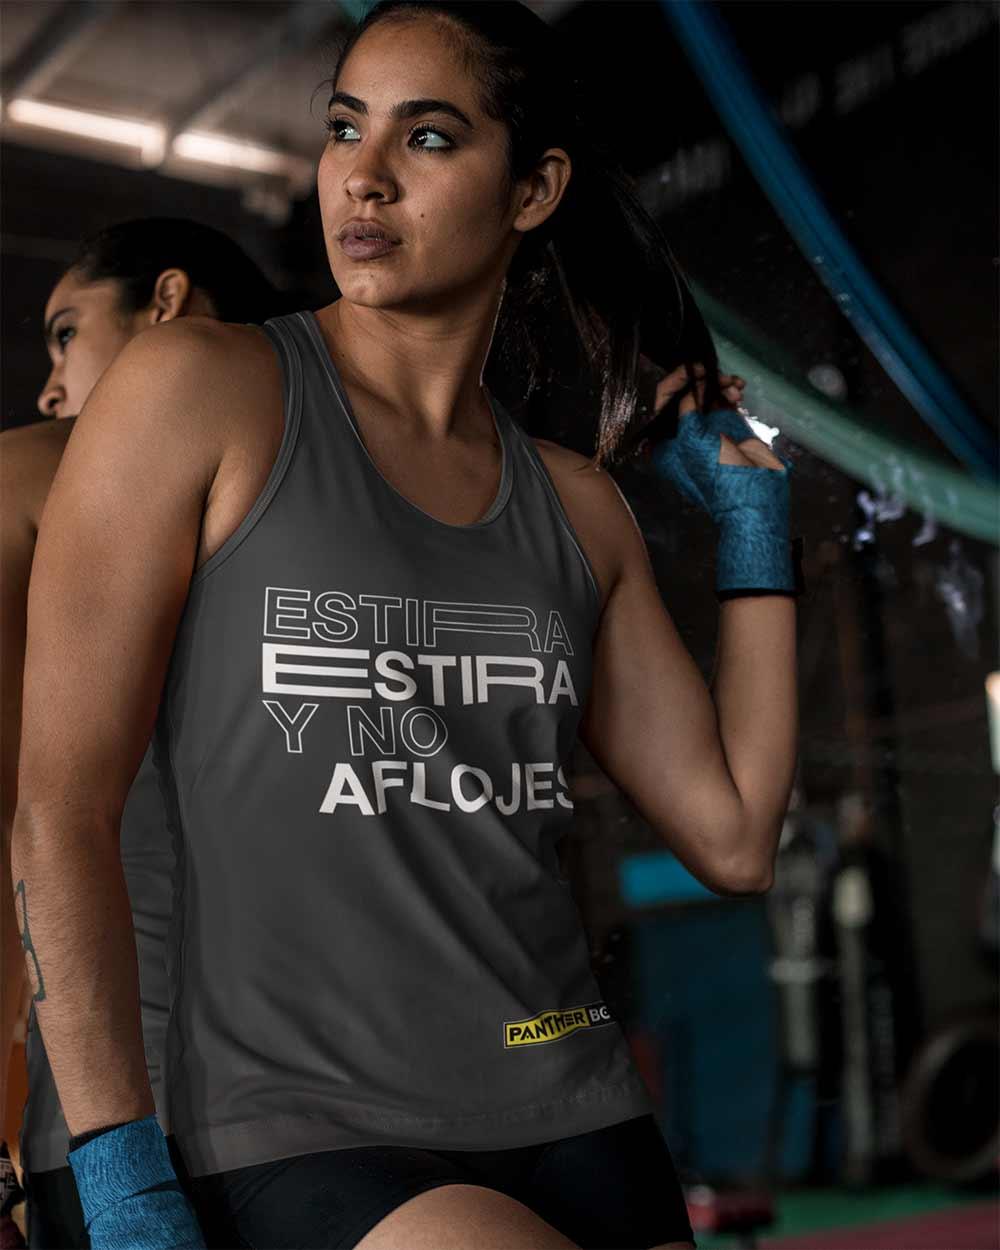 La mujer joven se coloca en gimnasio con una camisa gris y un diseño fresco de la camiseta.